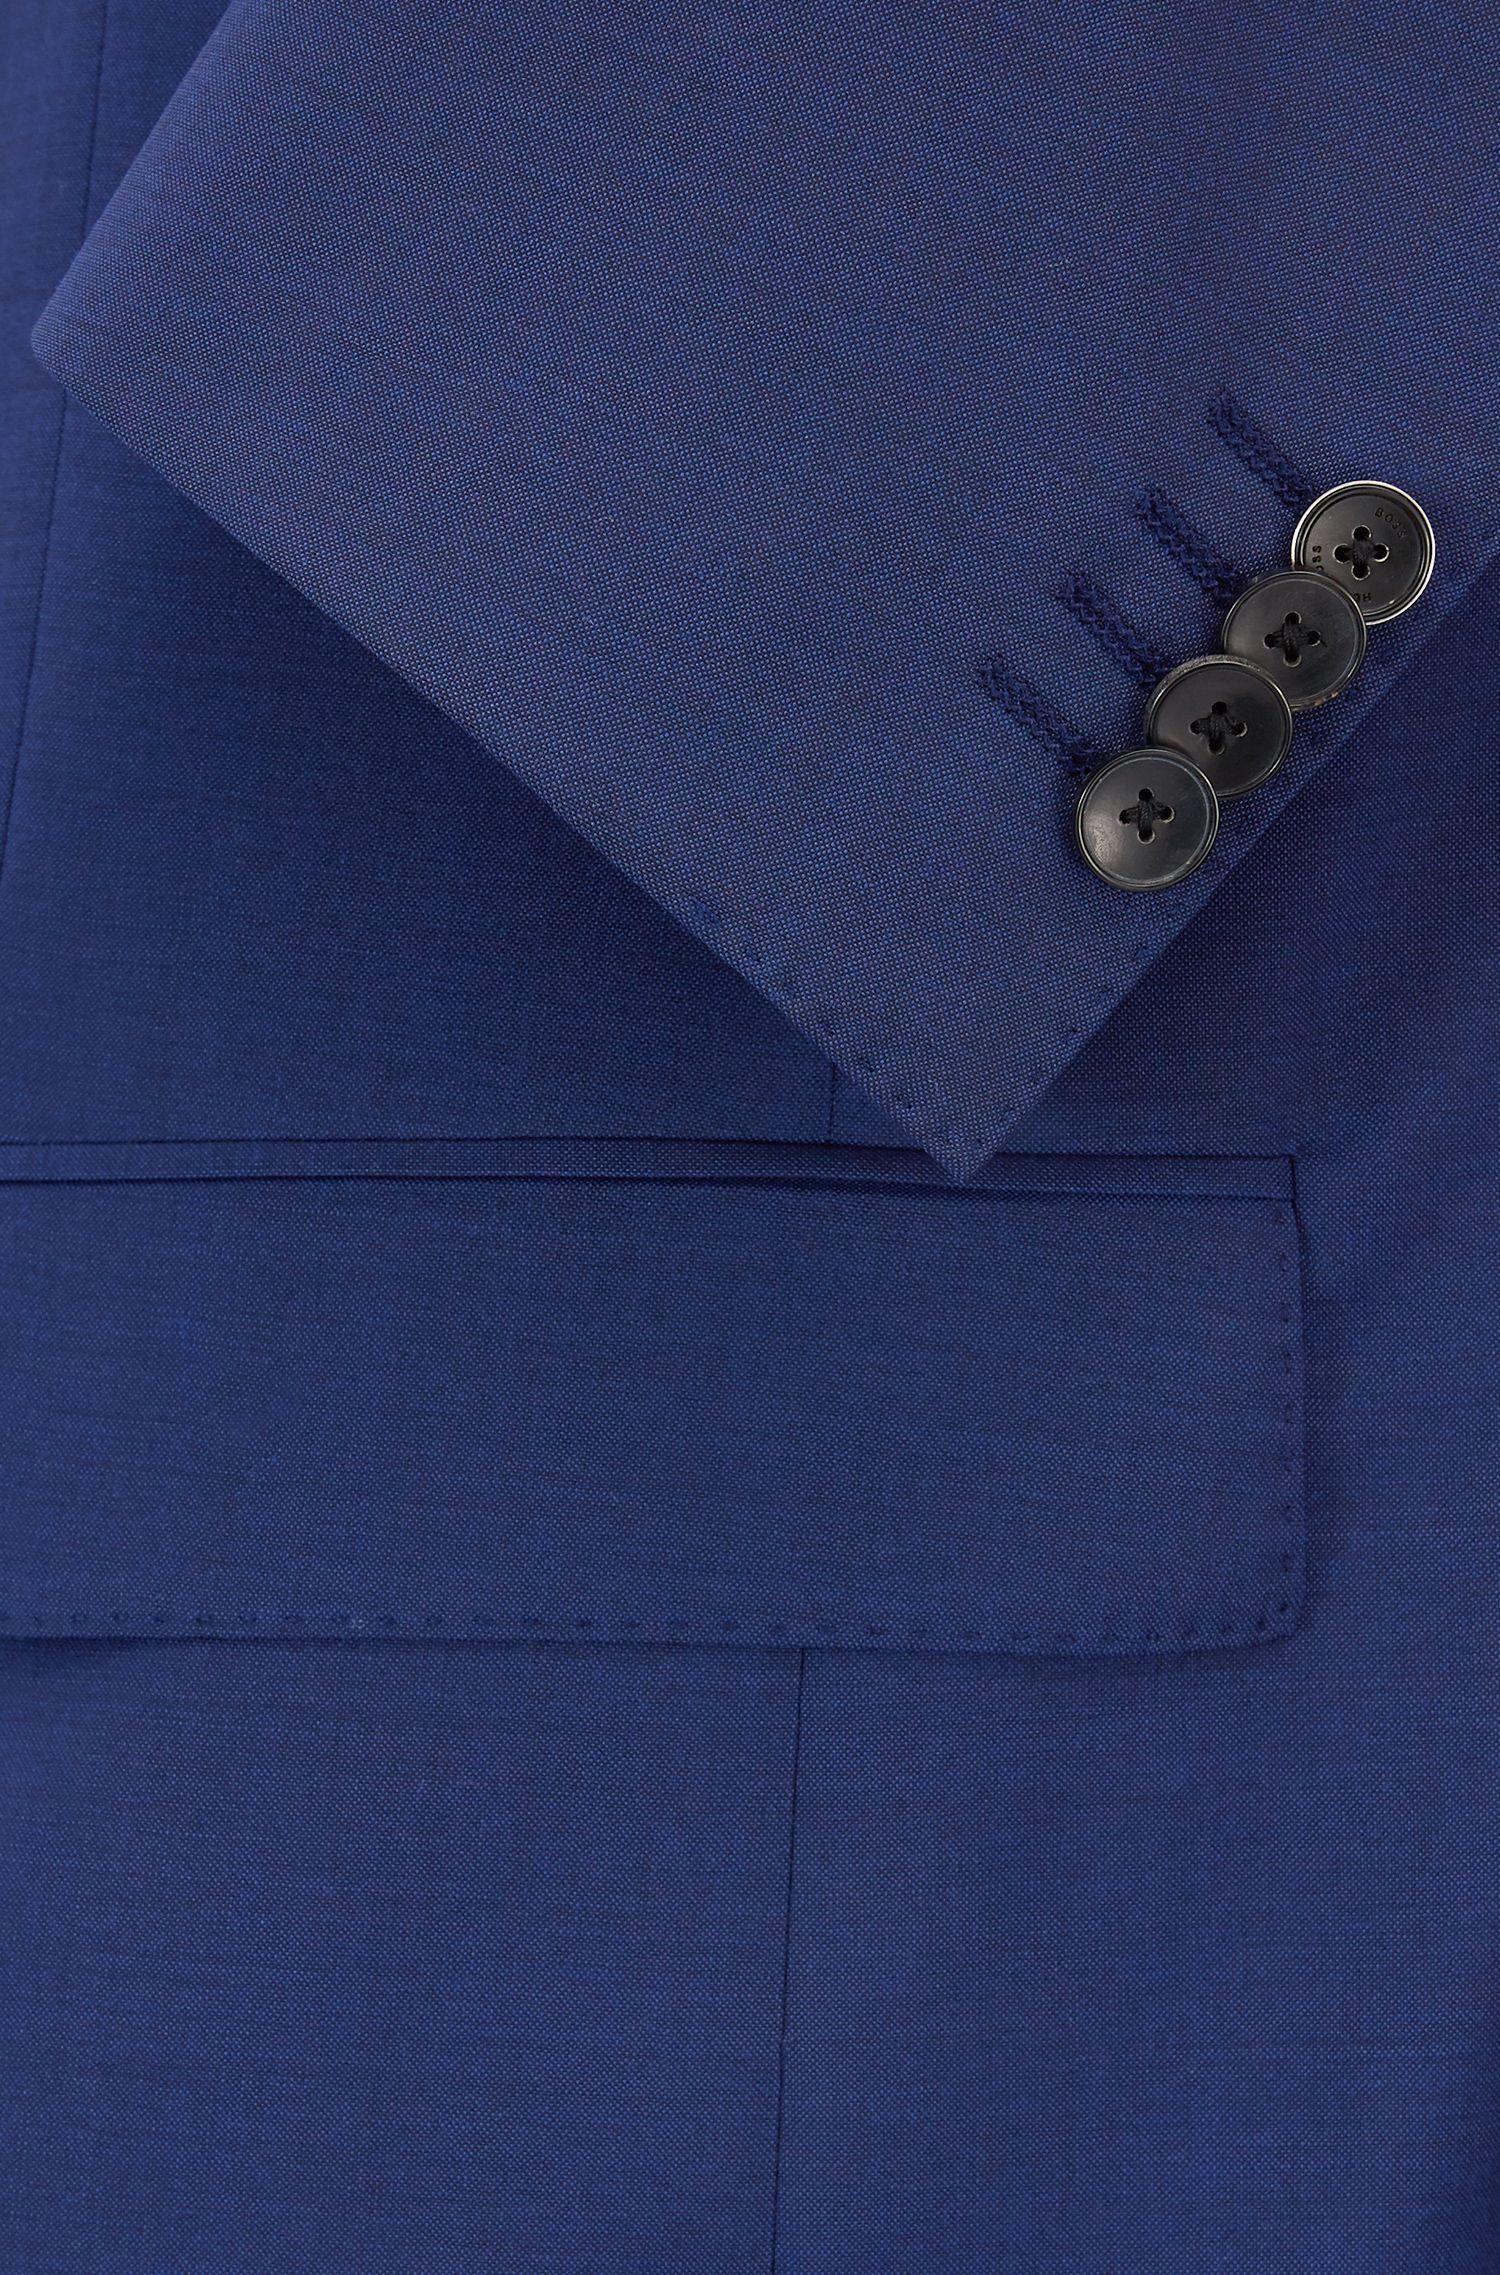 Garngefärbter Slim-Fit Anzug aus natürlich elastischer Schurwolle